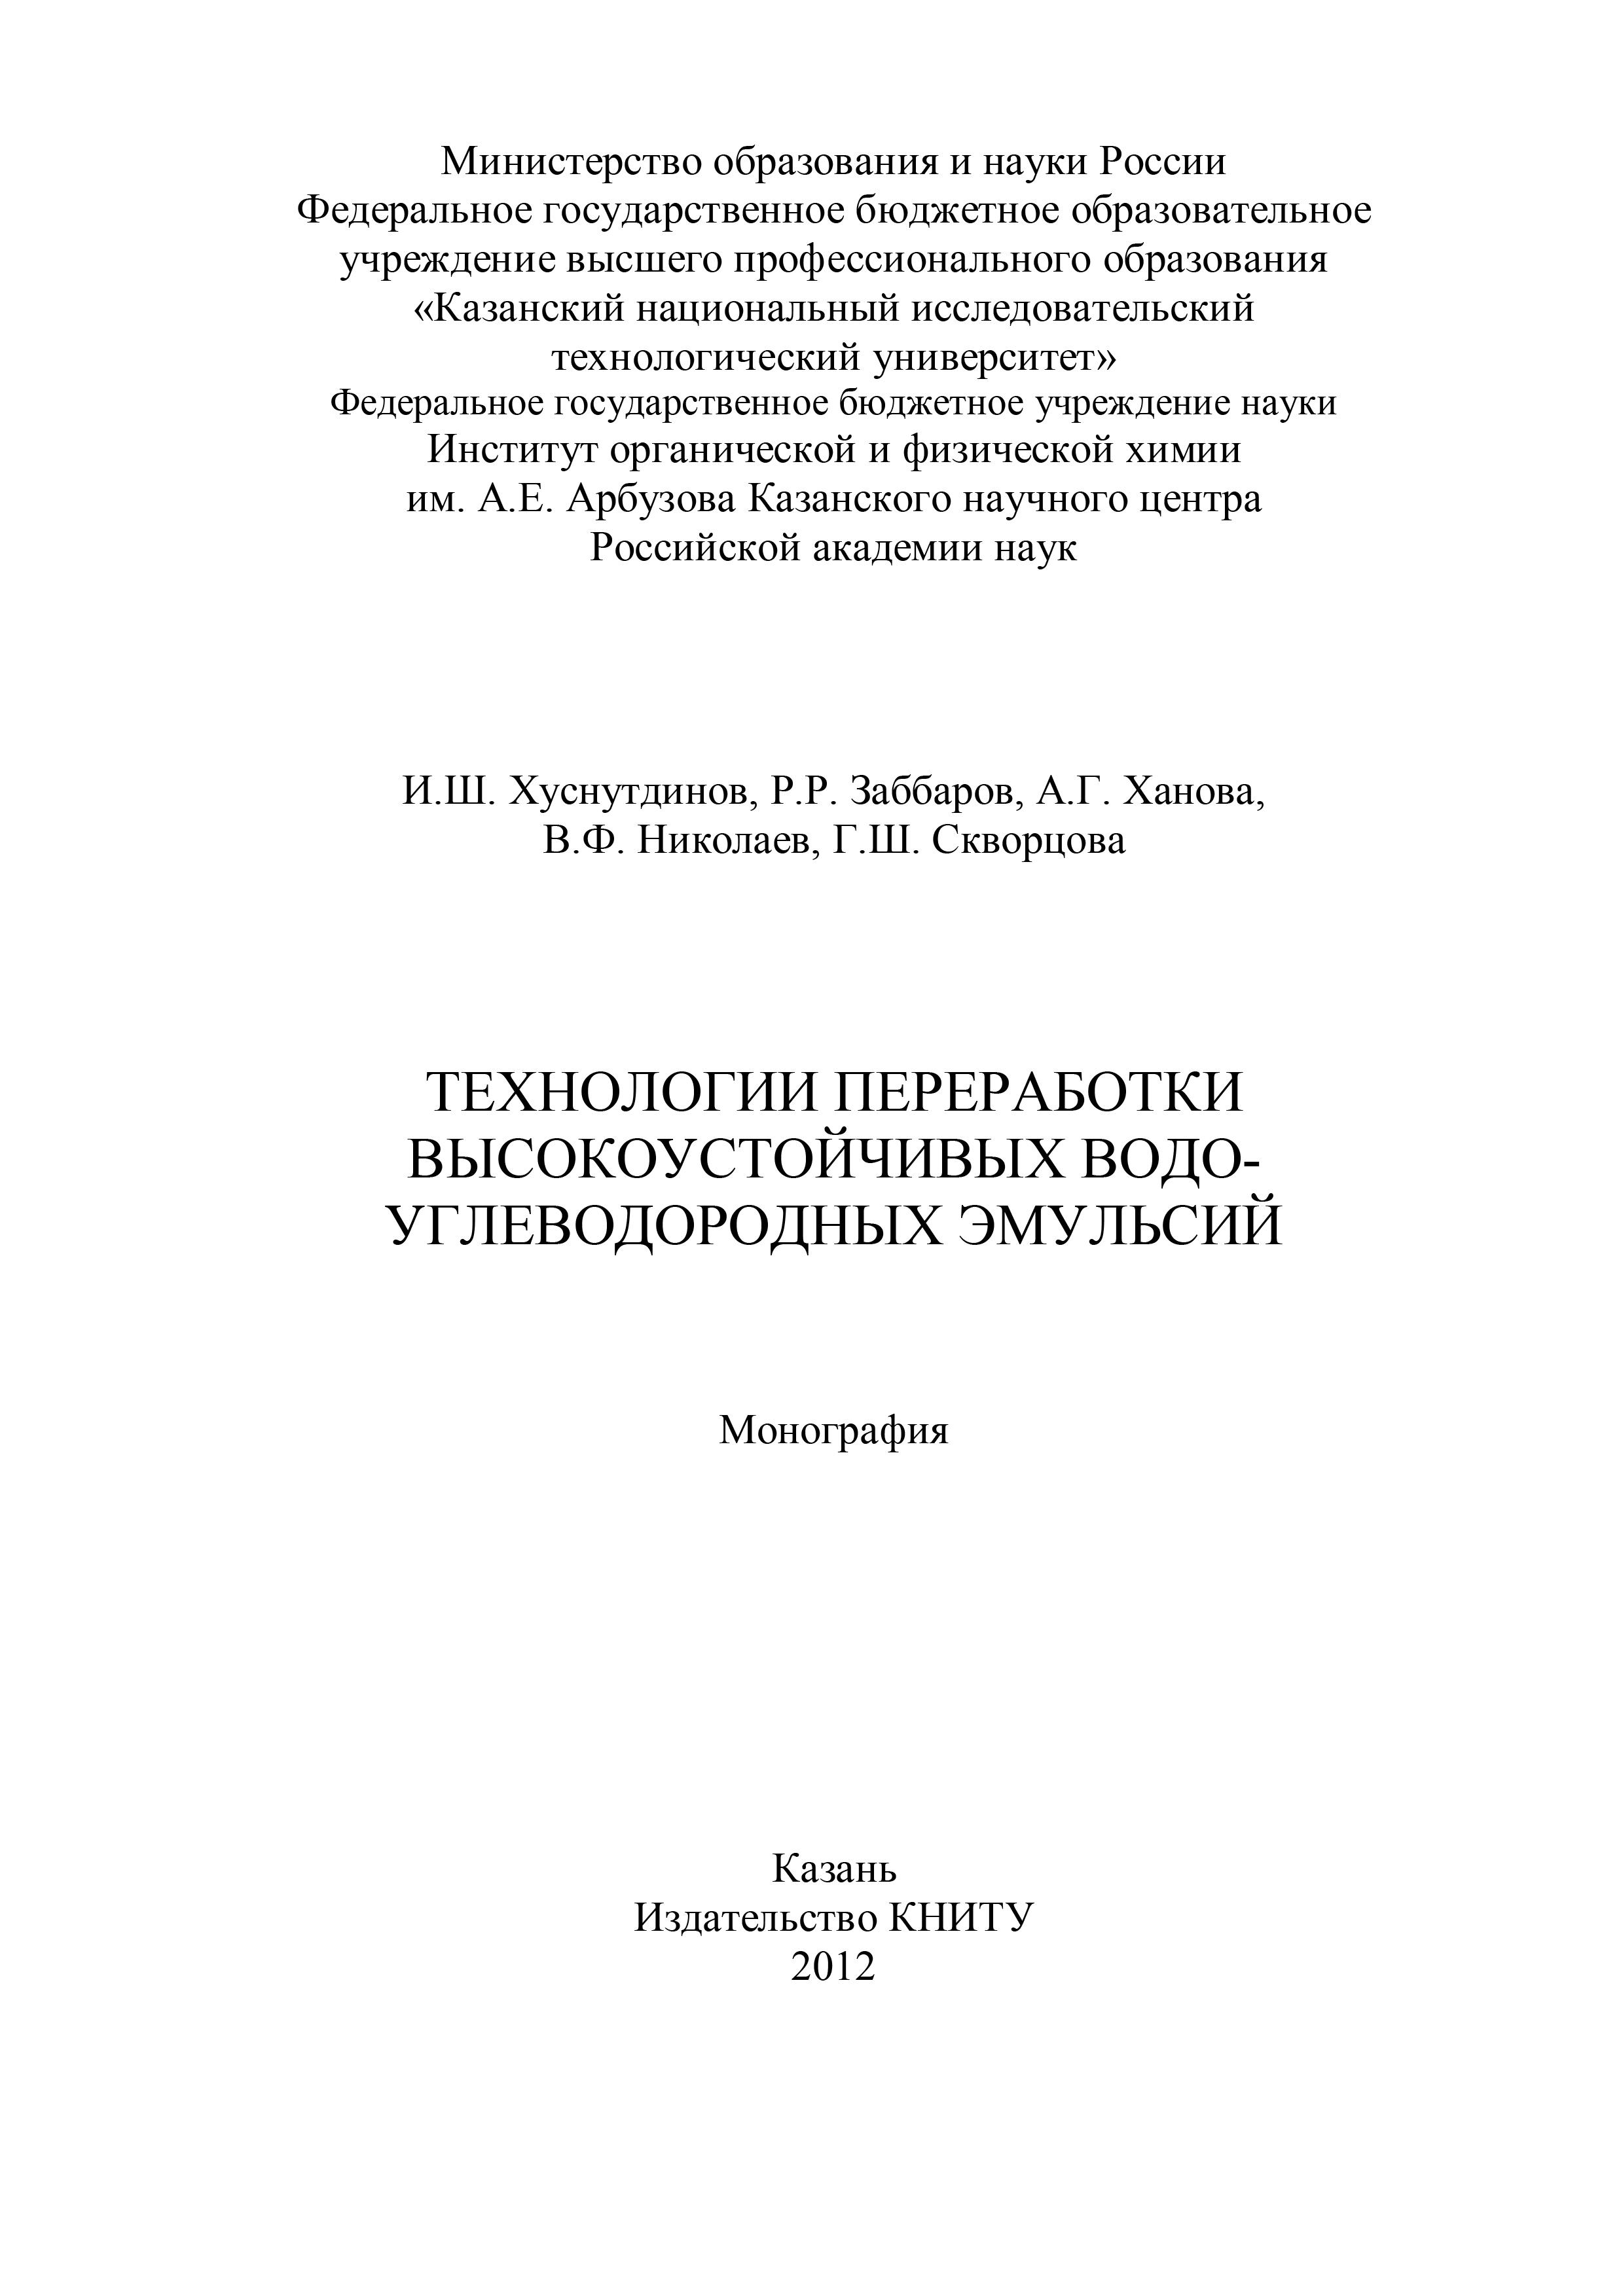 Р. Заббаров Технологии переработки высокоустойчивых водо-углеводородных эмульсий